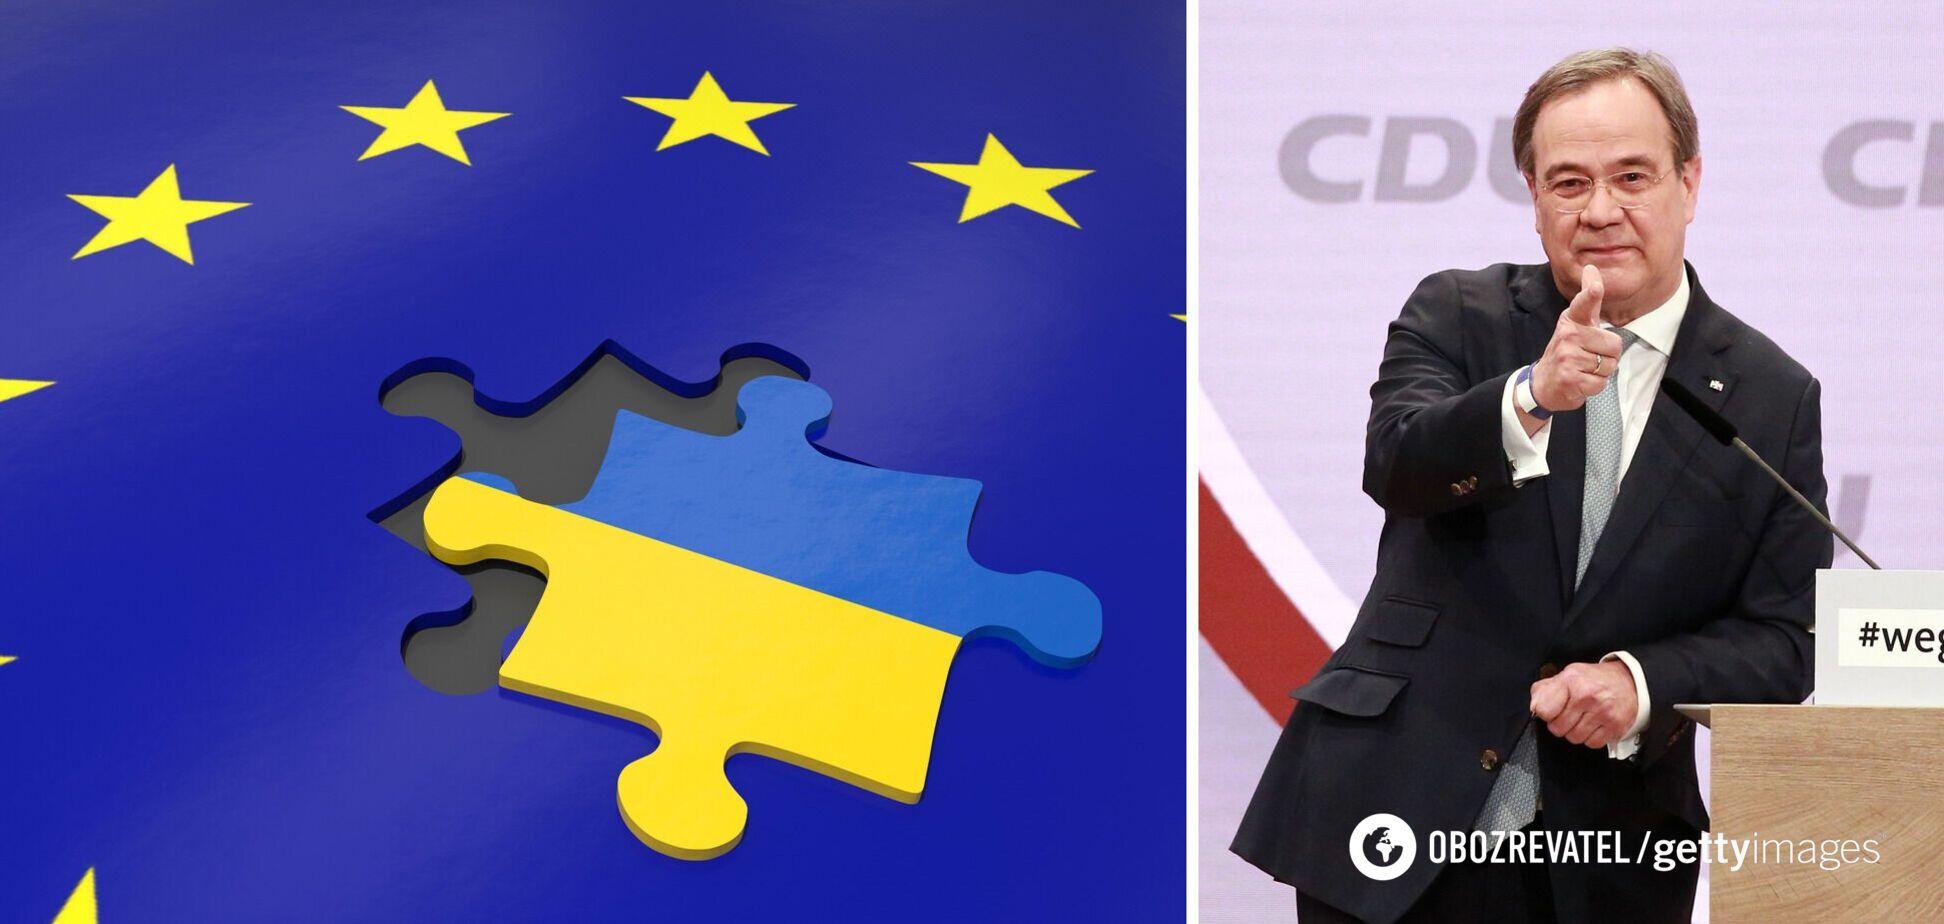 Преемник Меркель заявил о желании поддержать Украину на пути к членству в ЕС